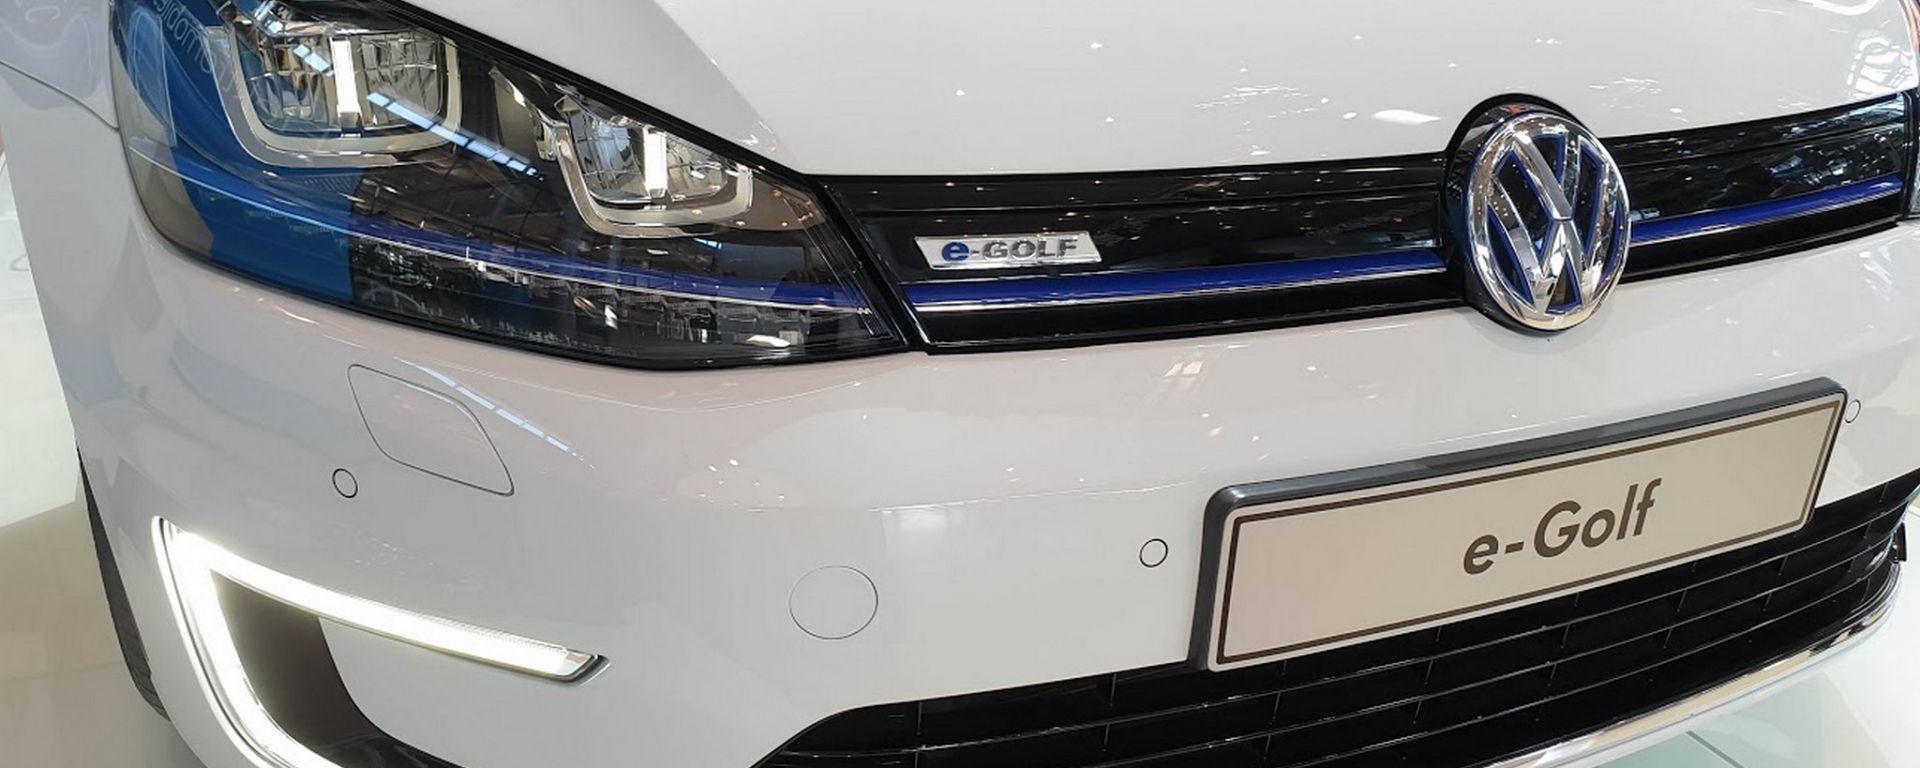 Volkswagen punta tutto sull'elettrico con la piattaforma MBE